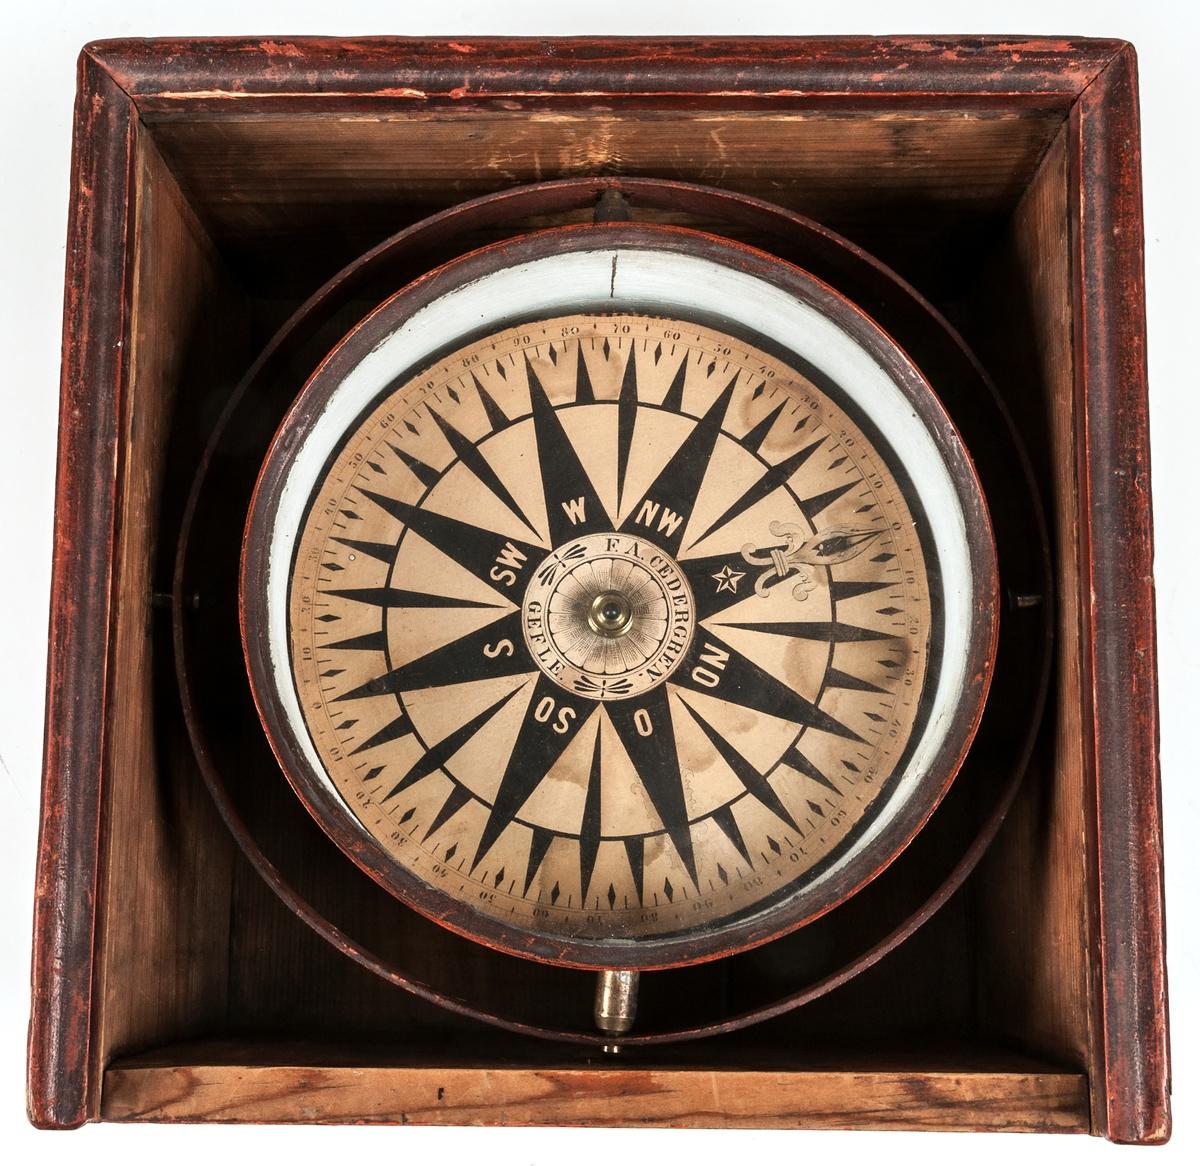 """Kompass, luftkompass, upphängd i rektangulär hållare i bunt trä, lådan med lock. Kommer från galeasen """"Anna"""". Tillverkad av F. A. Cedergren, Gävle."""